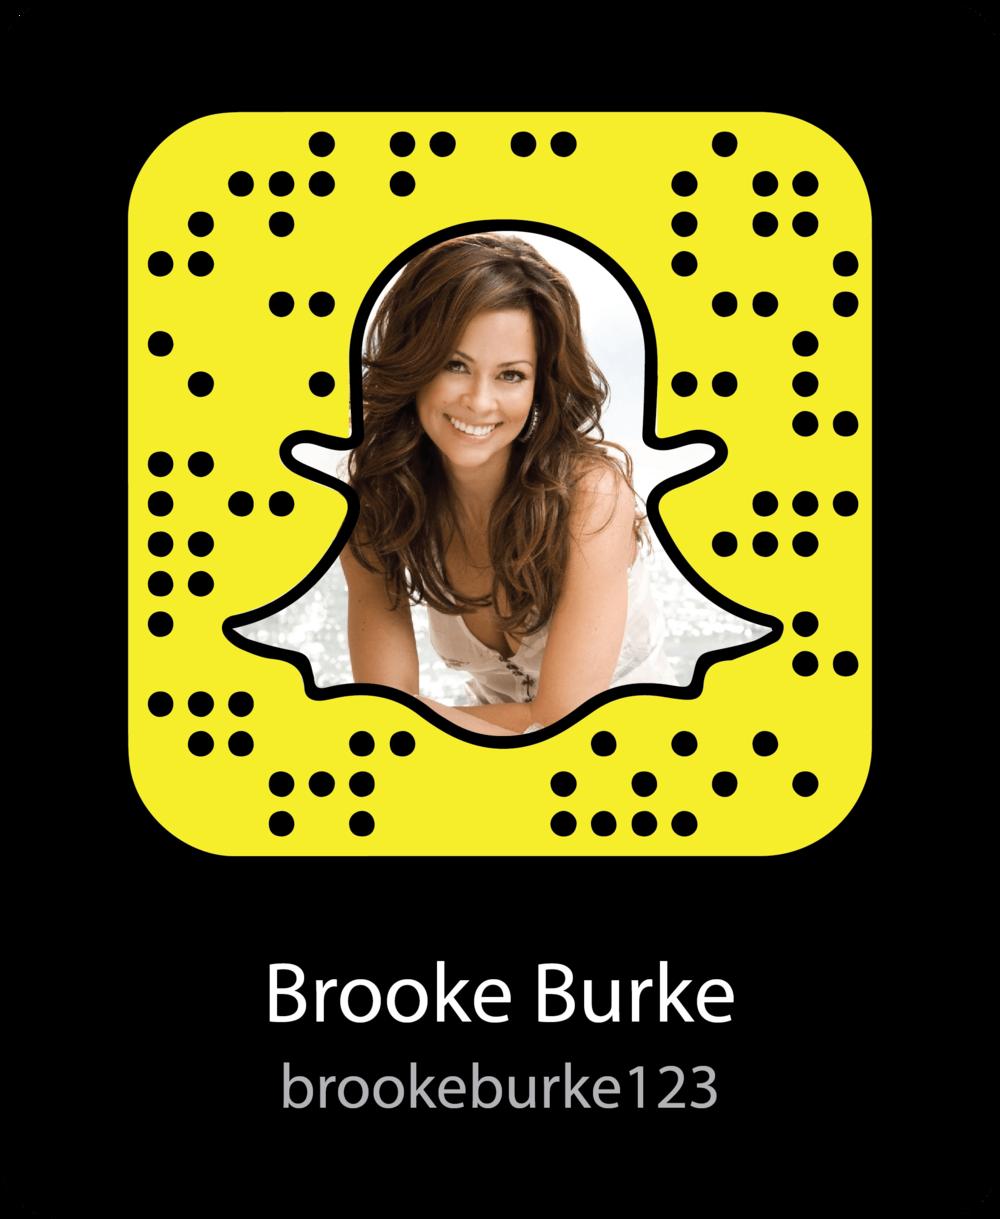 brooke-burke-celebrity-snapchat-snapcode